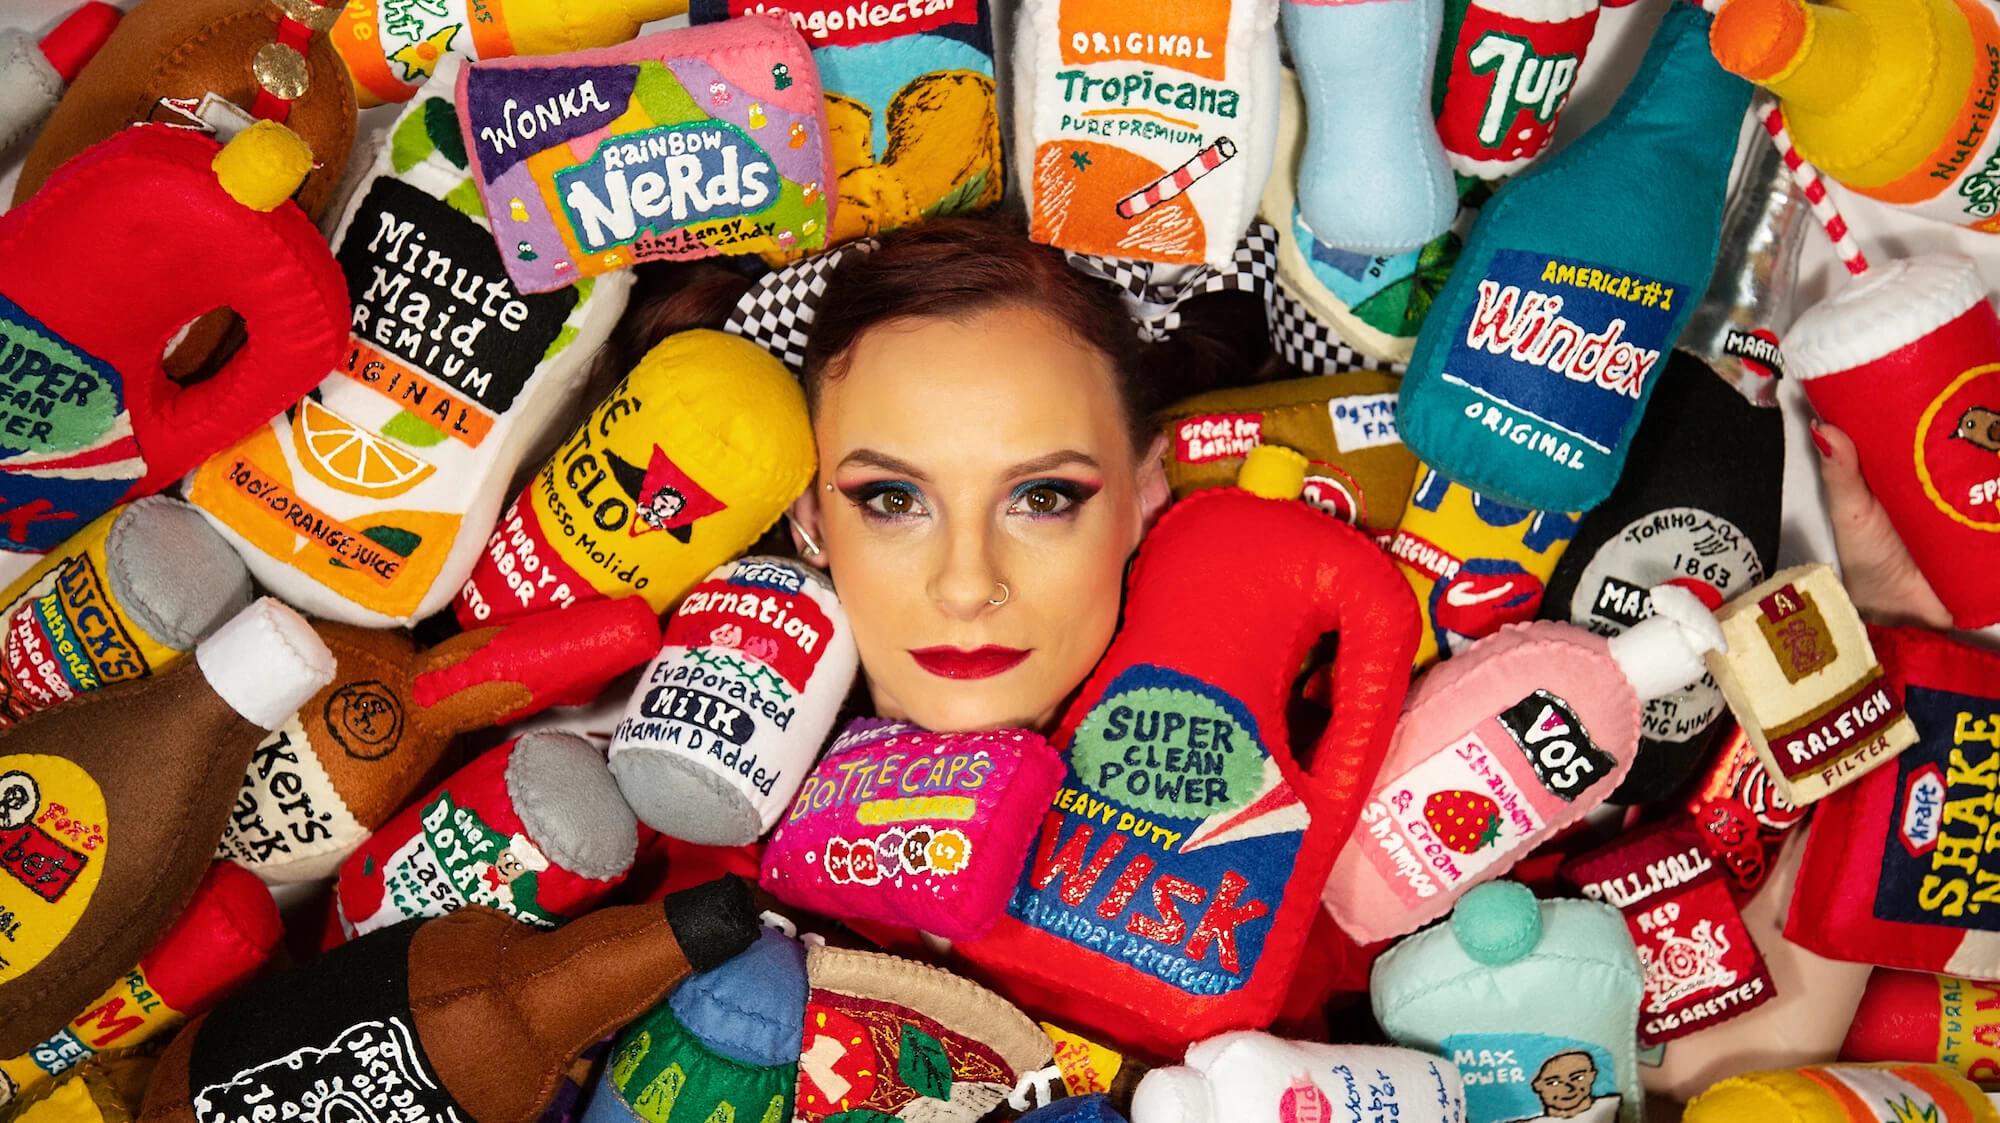 Lucy Sparrow: La artista del fieltro que hizo 31.000 productos para un supermercado kawaii de fantasía